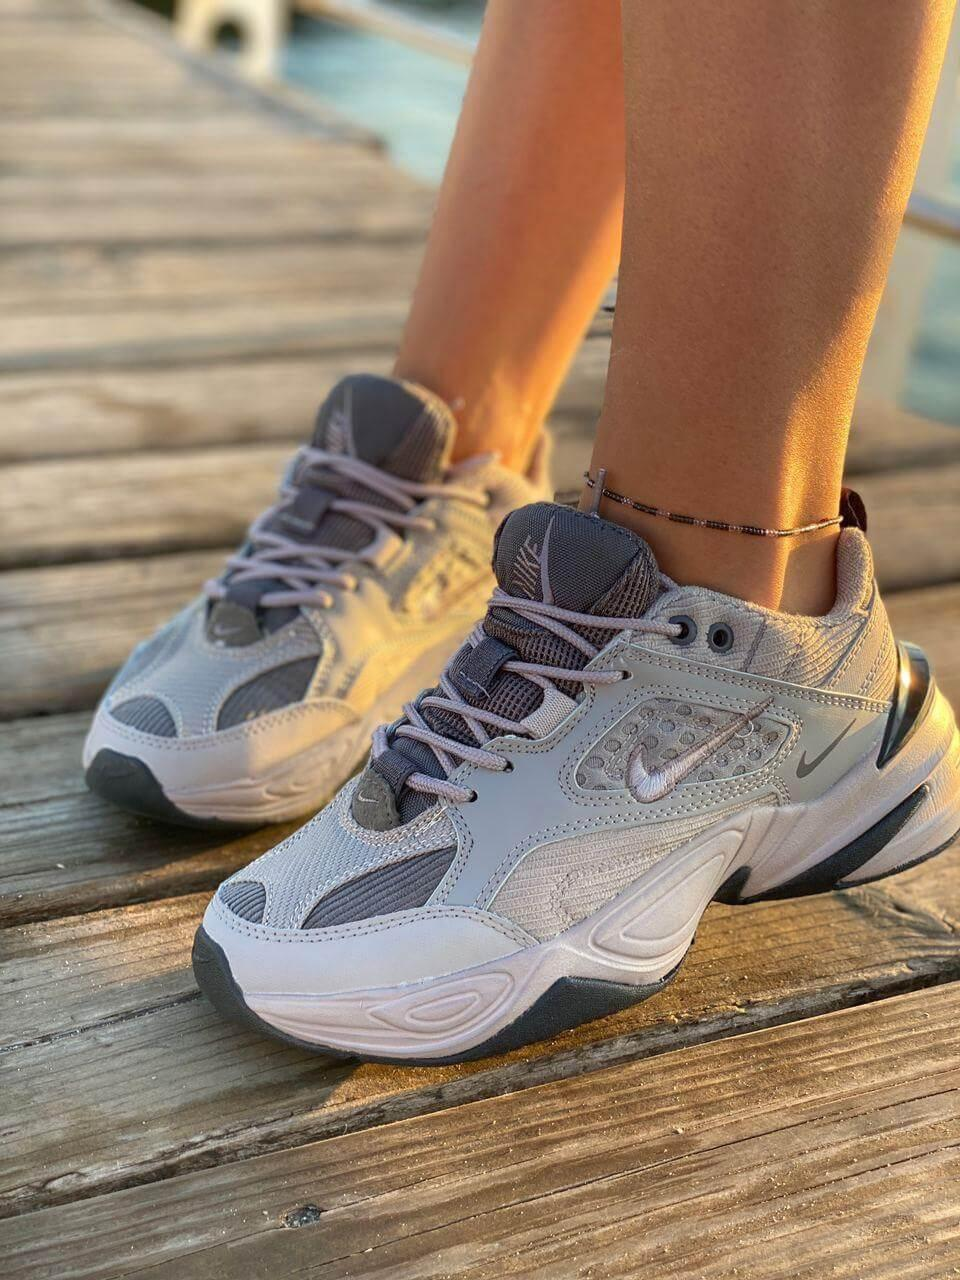 Женские серые кроссовки Nike M2K Tekno Grey (Женские кроссовки Найк М2К Текно серого цвета) 36-41